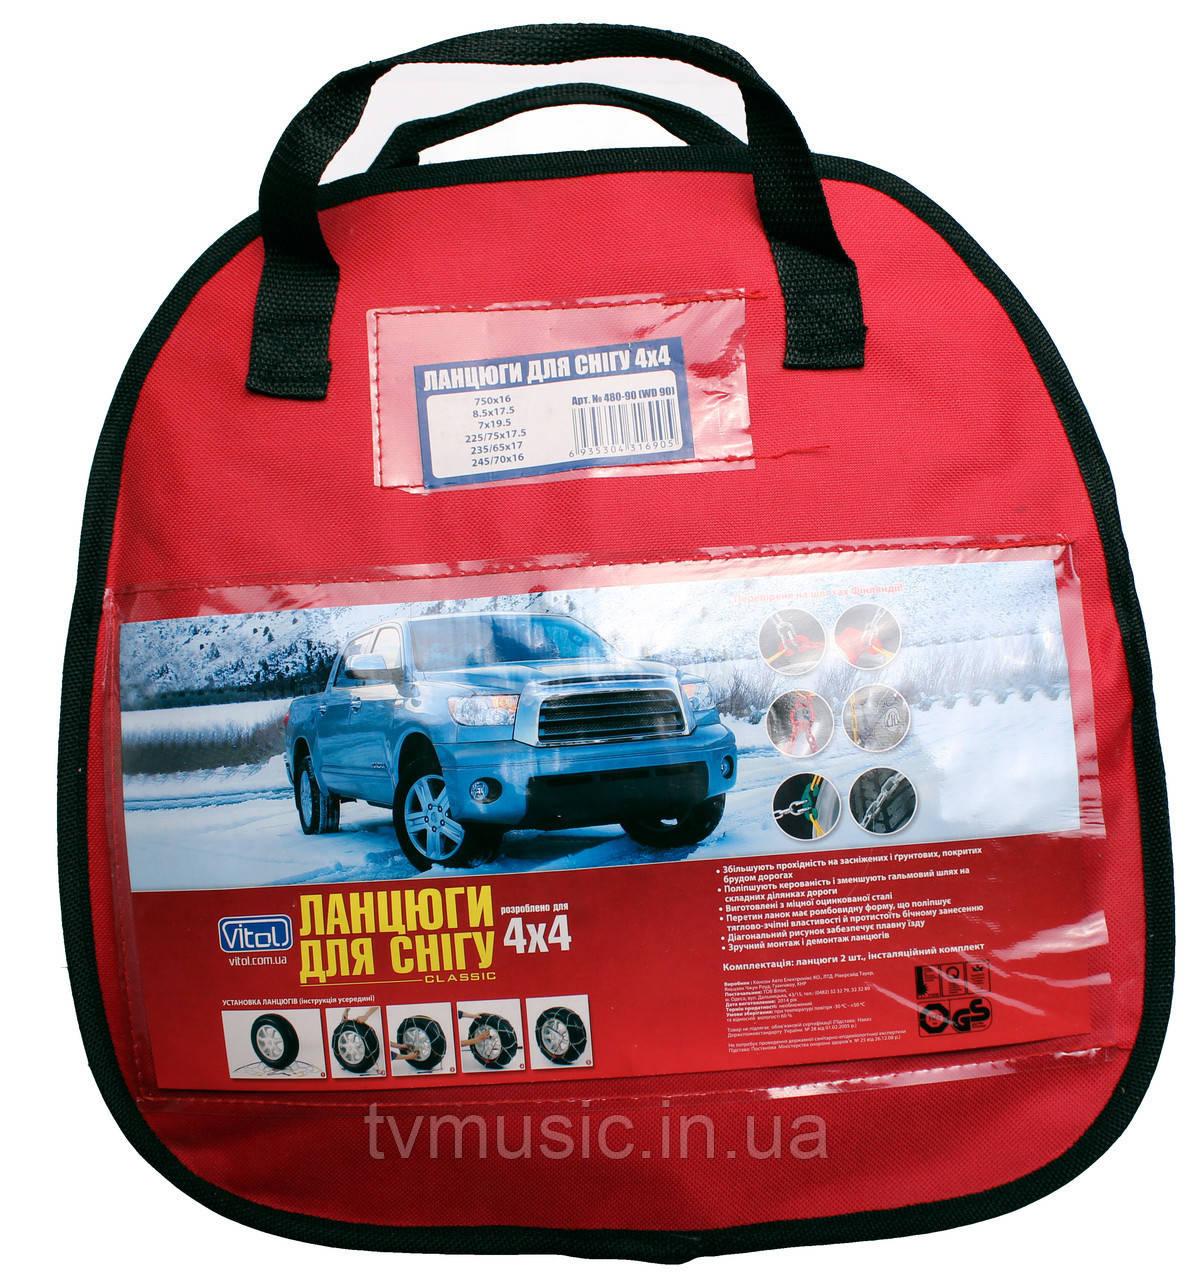 Цепи на колеса Vitol 4WD КВ480 (16 мм)